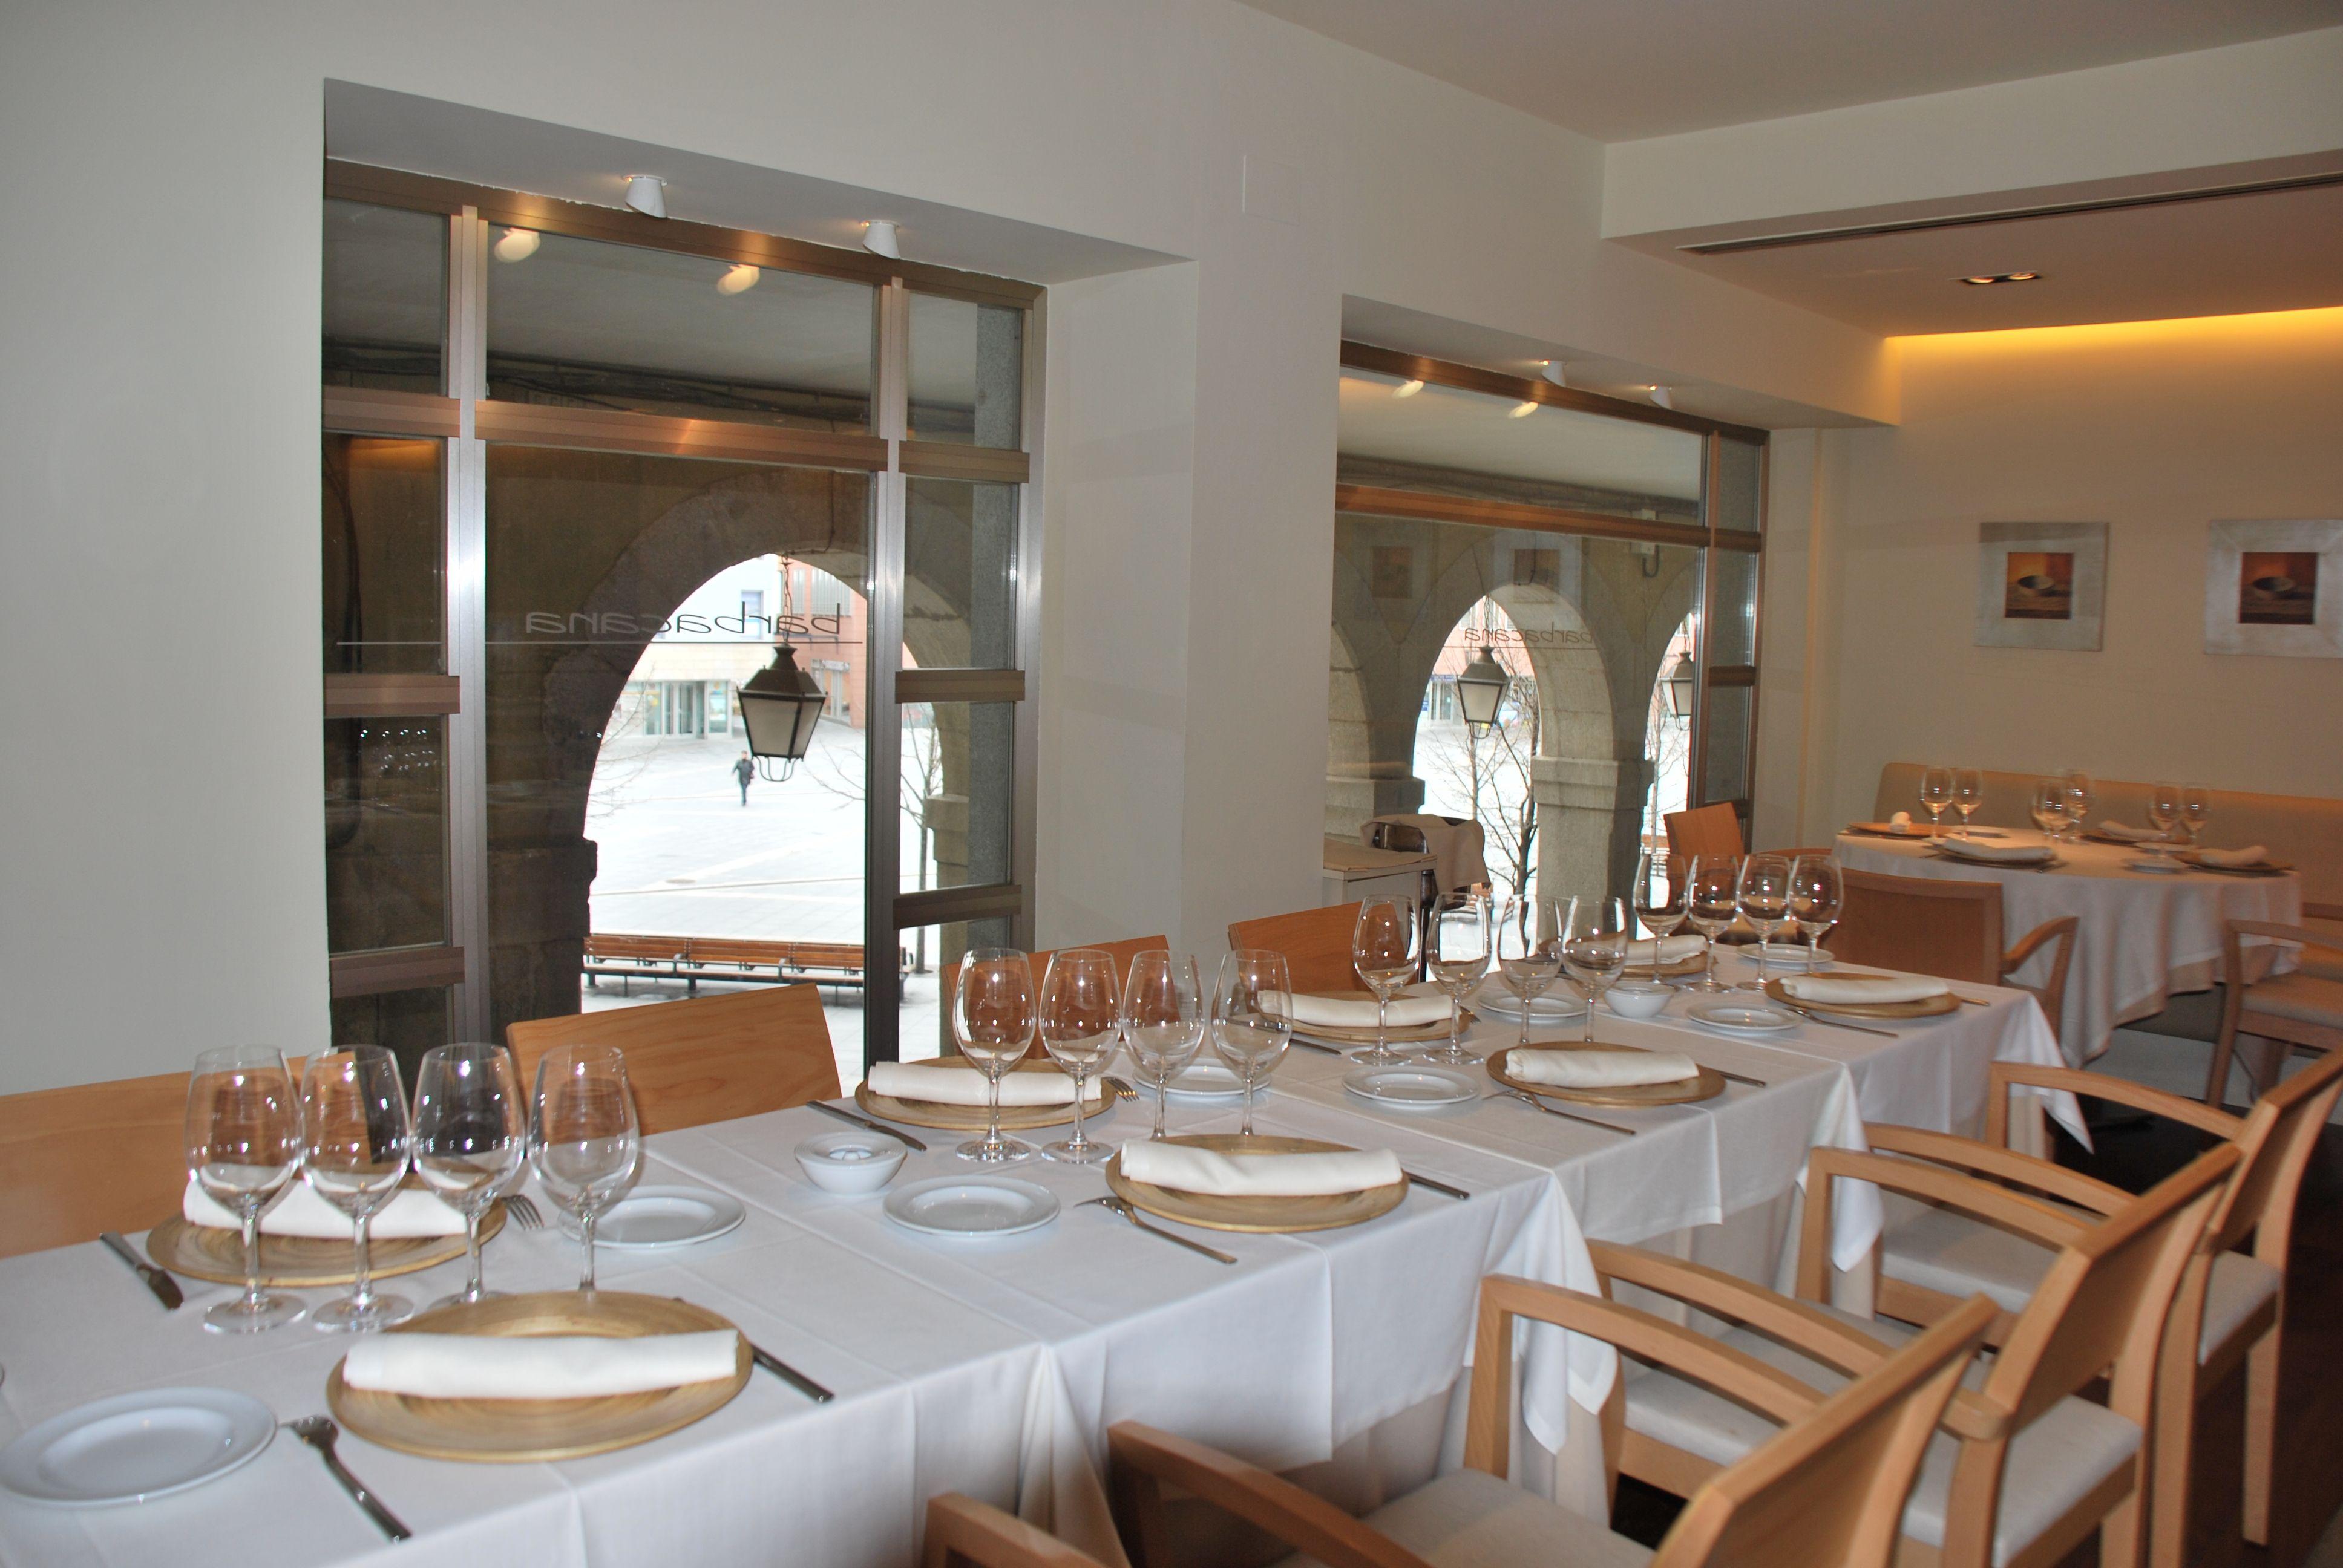 Foto 18 de Restaurante en  | Barbacana